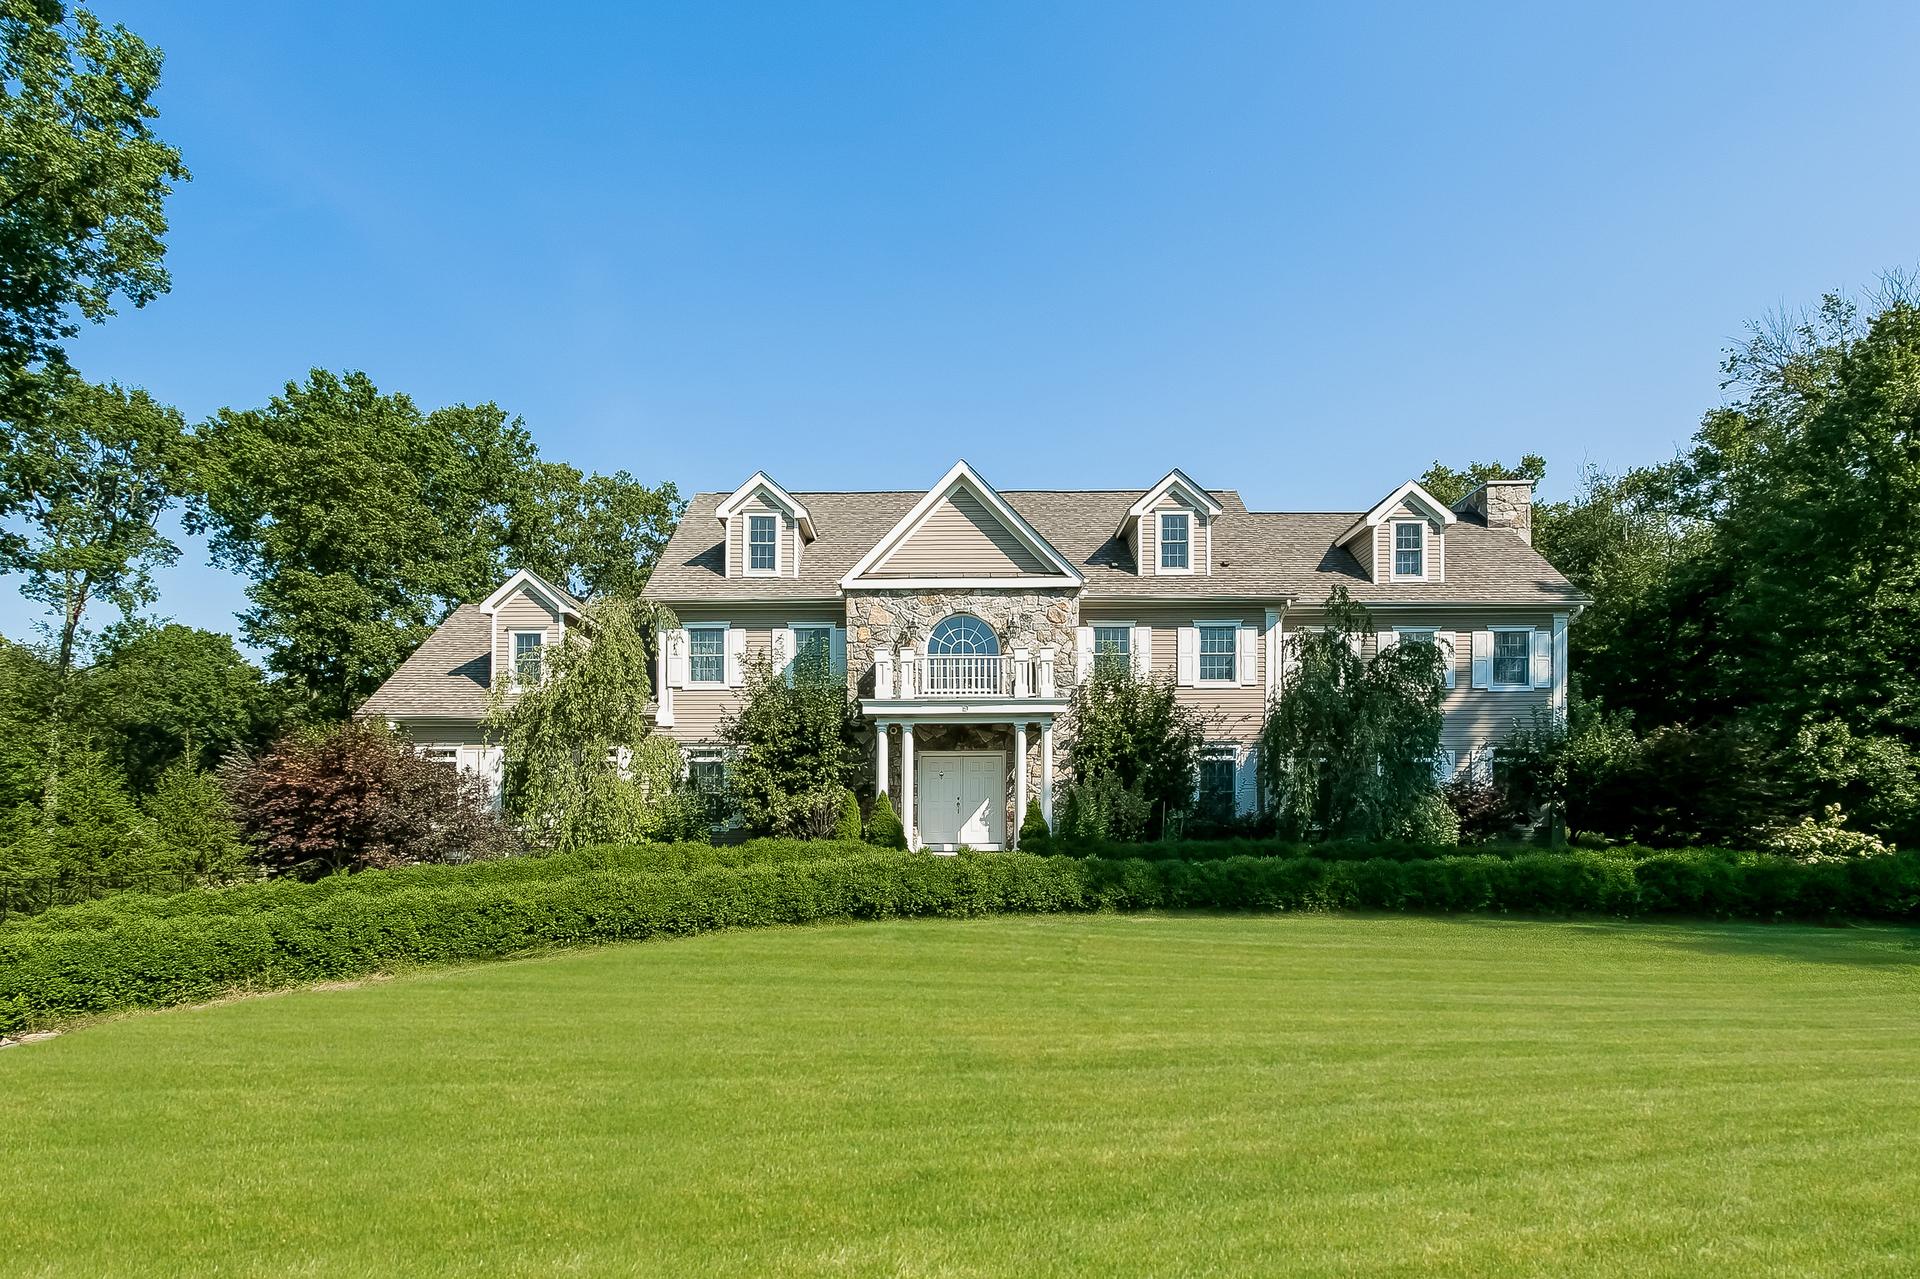 Casa Unifamiliar por un Venta en Luxury in Westover 19 West Hill Road Stamford, Connecticut 06902 Estados Unidos